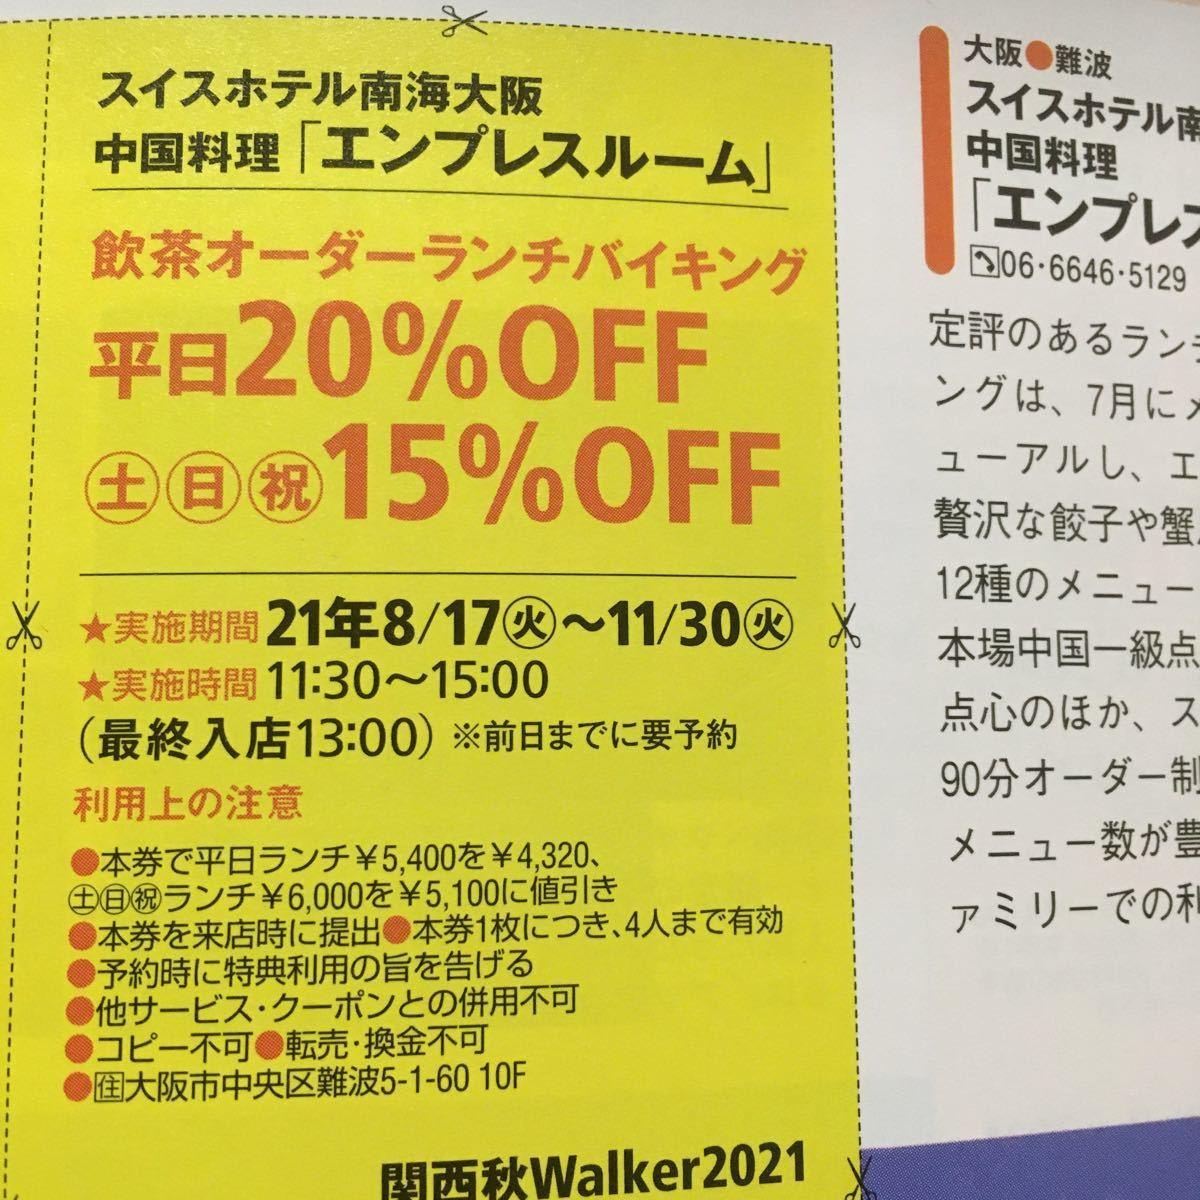 スイスホテル南海大阪 中国料理 「エンプレスルーム」 クーポン券 割引券 11/30まで_画像1